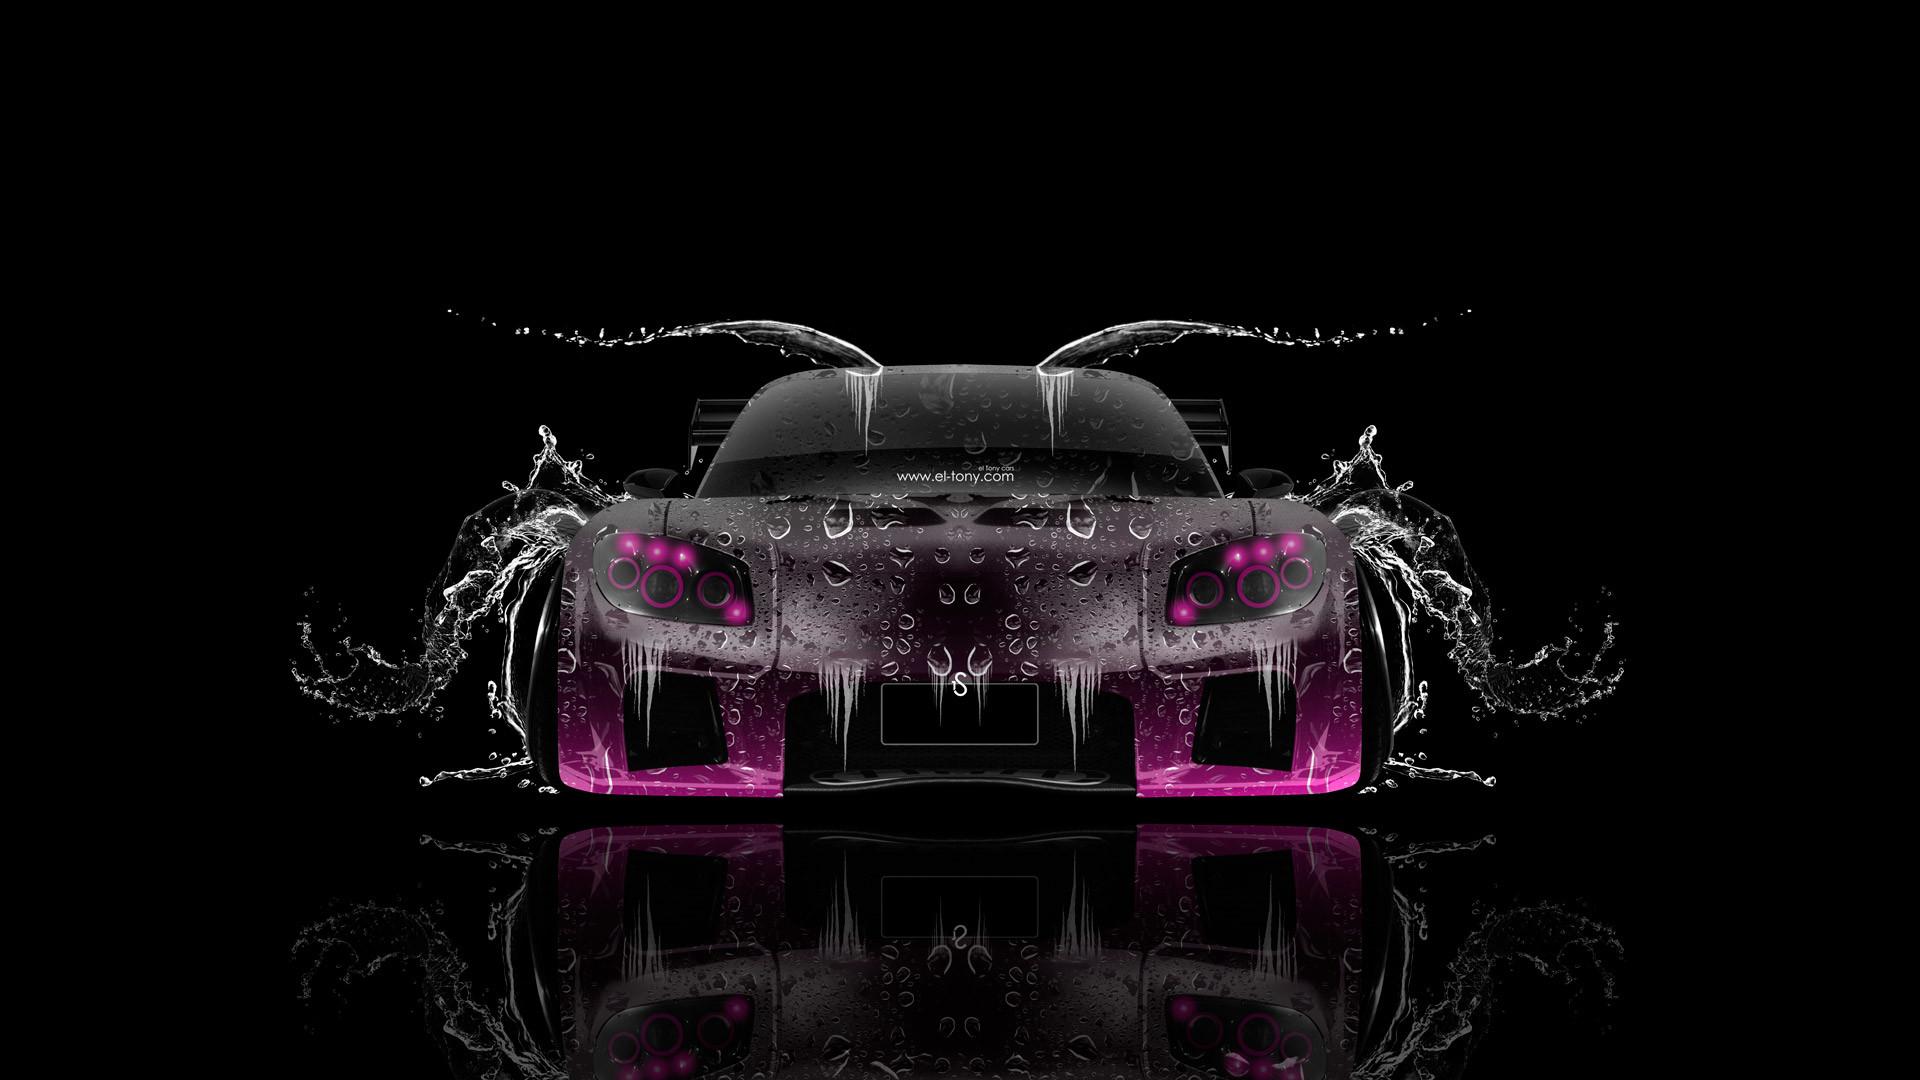 Mazda RX7 VeilSide JDM Side Kiwi Aerography Car